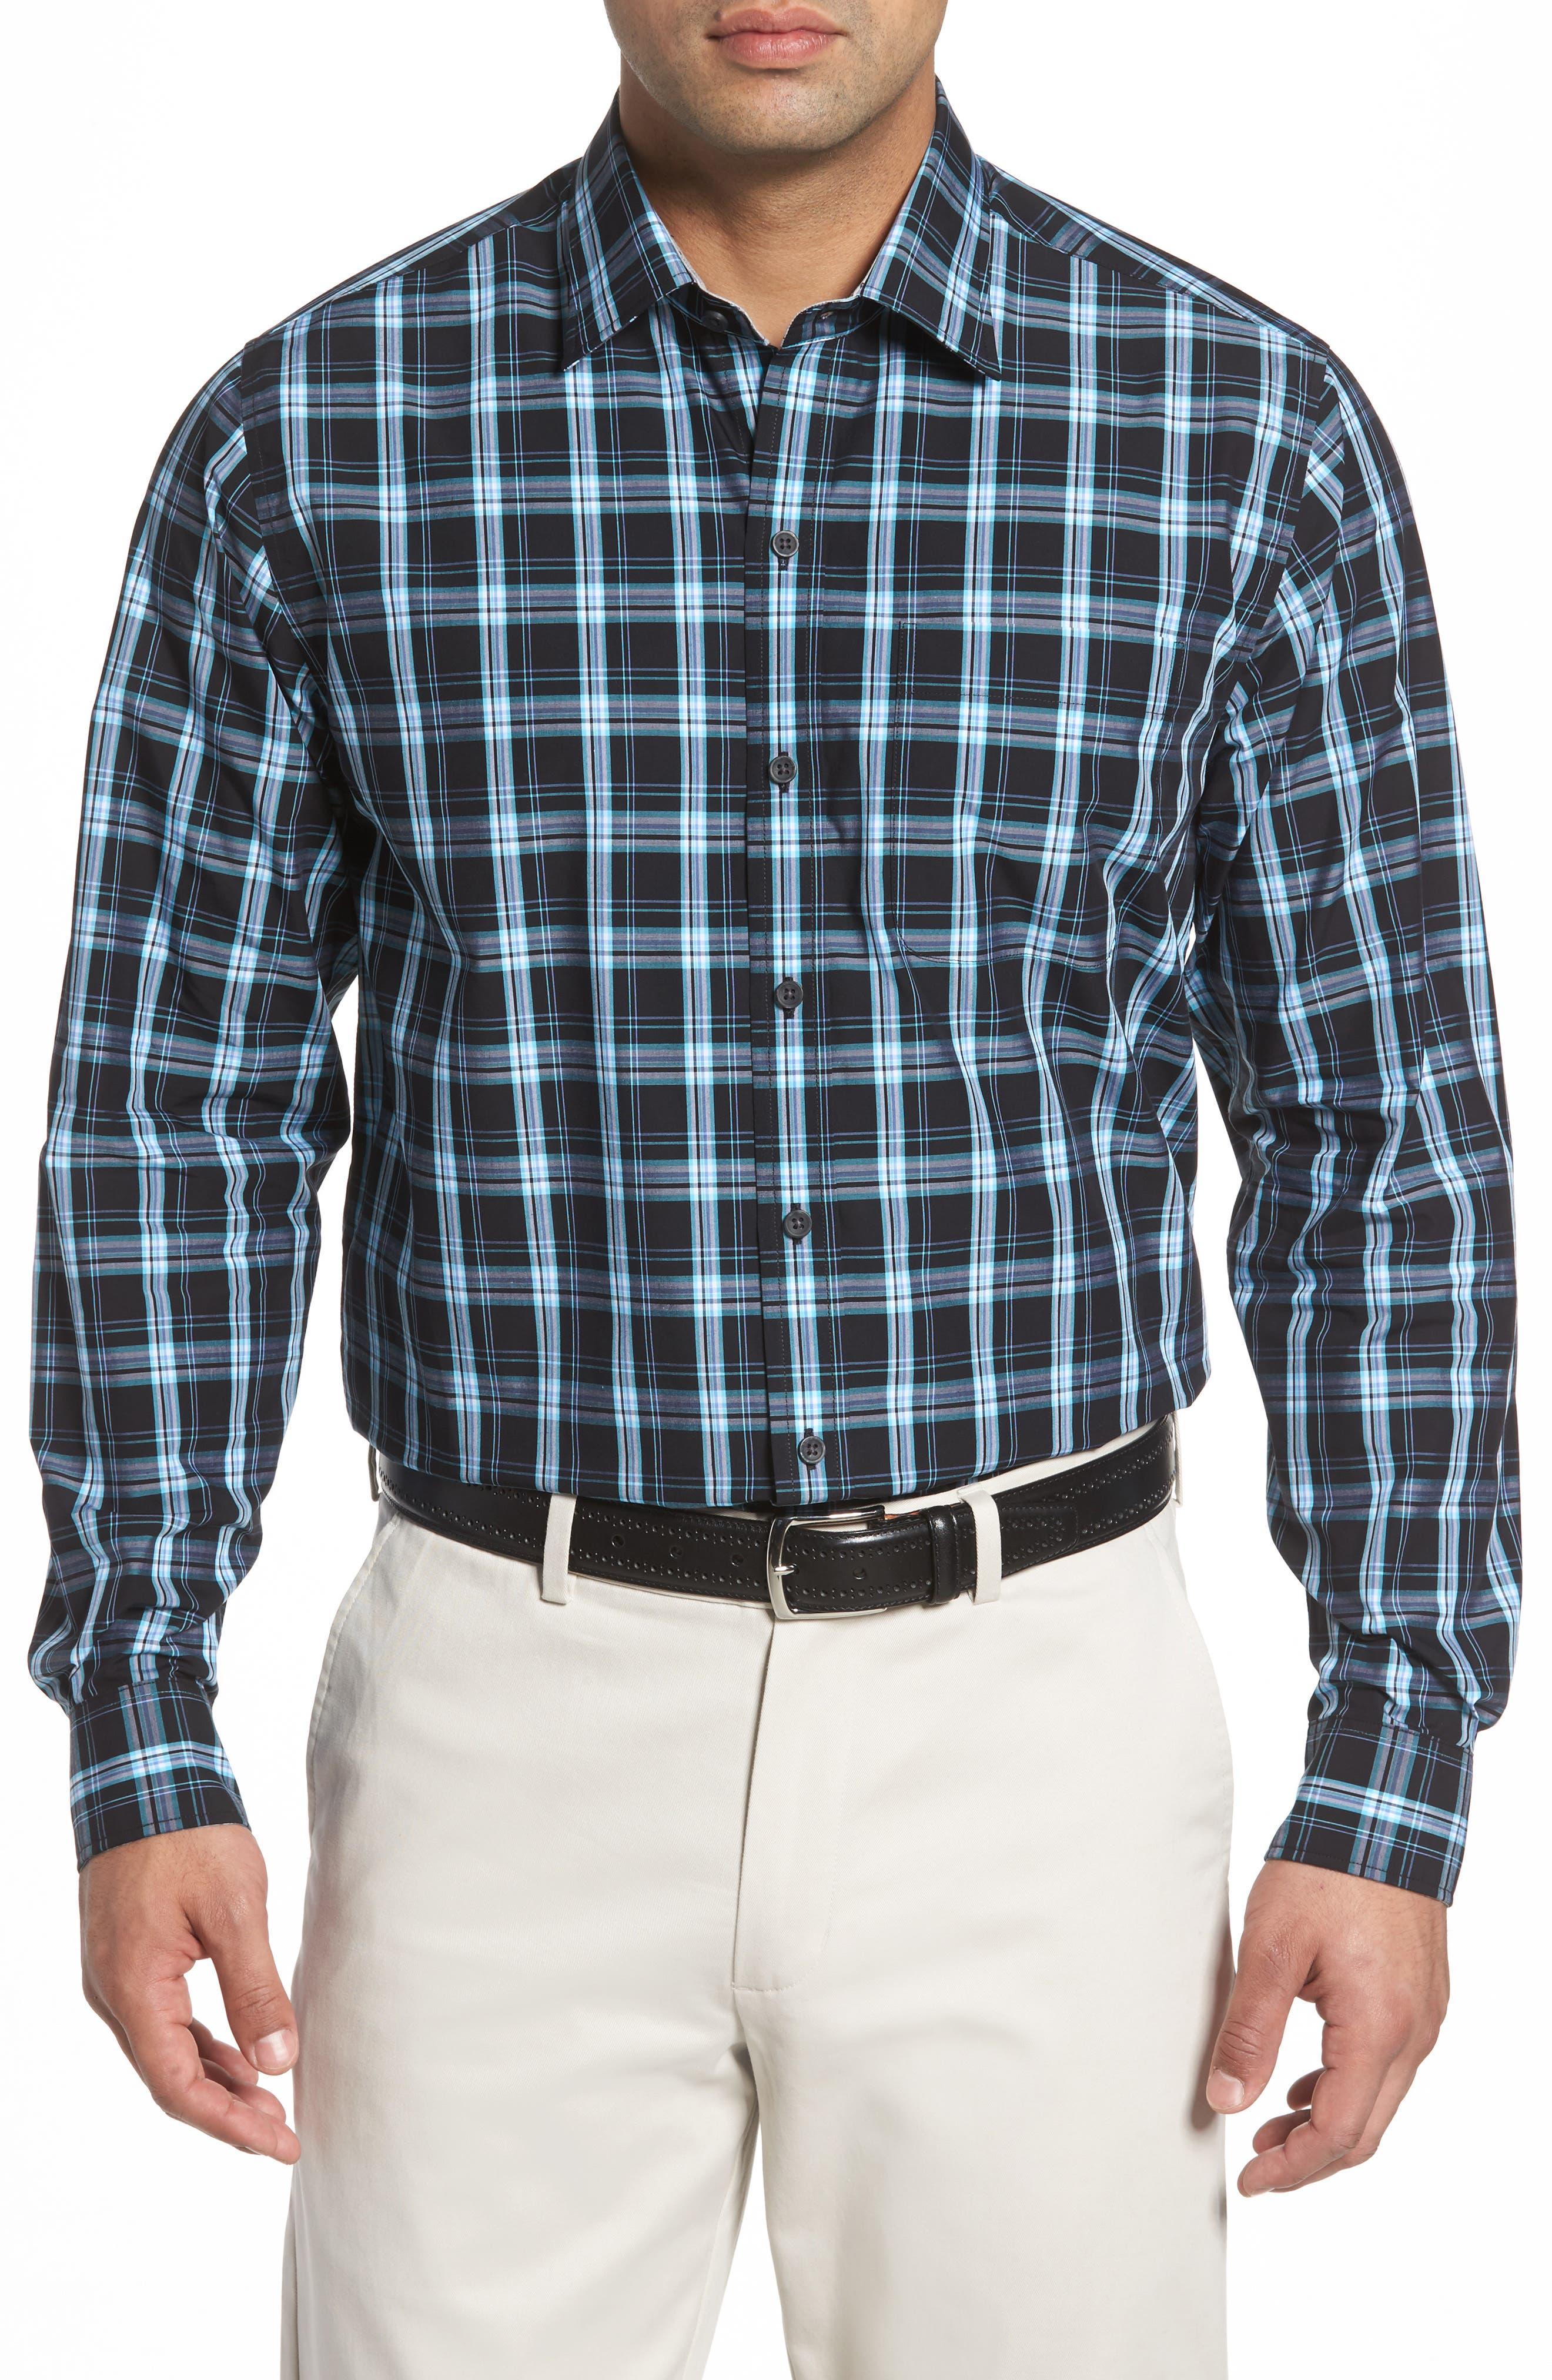 Cutter & Buck Summerland Non-Iron Plaid Sport Shirt